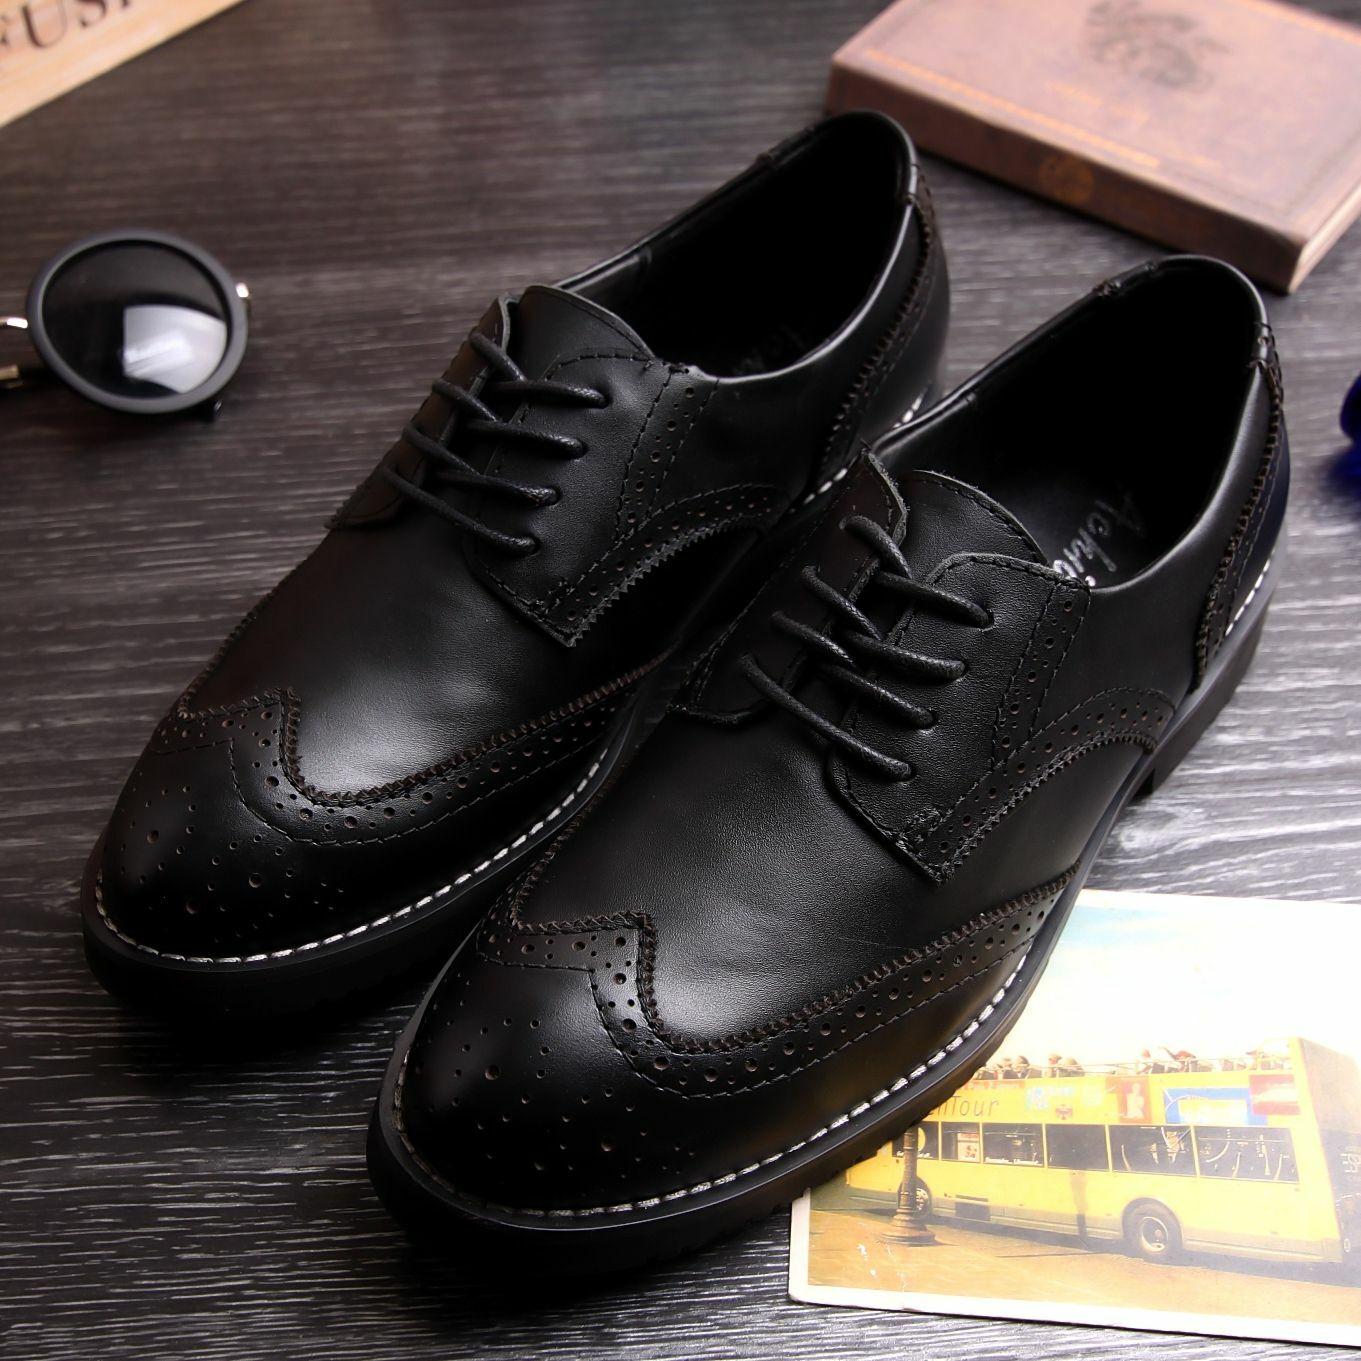 雕花鞋.jpg